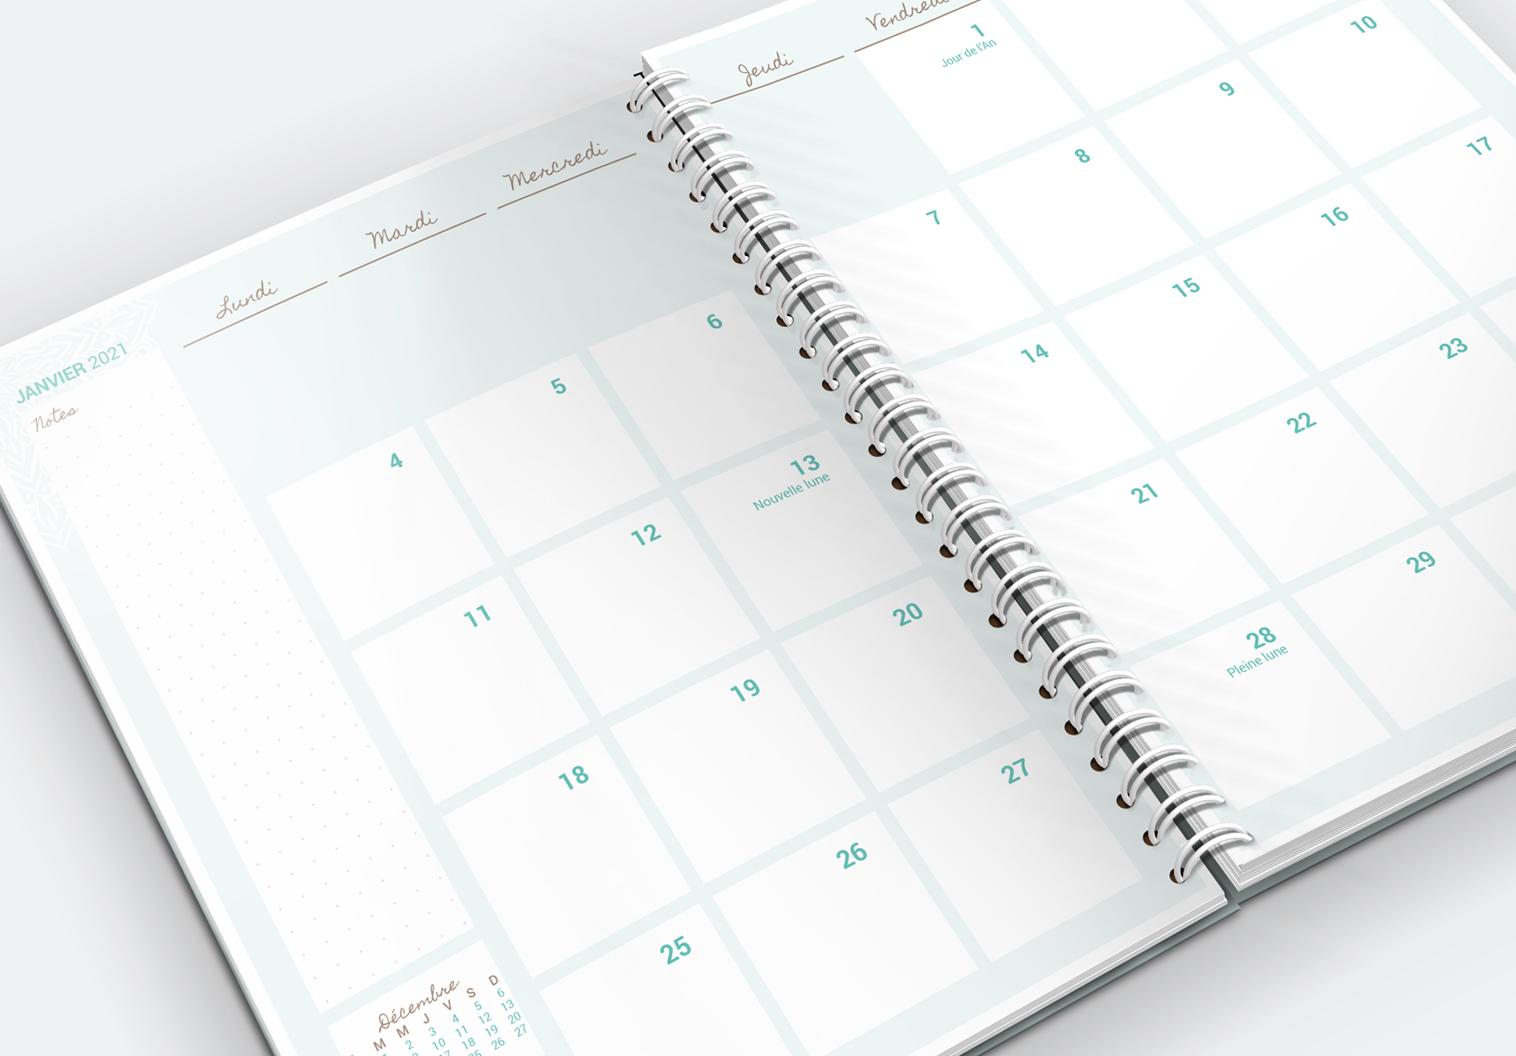 L'agenda de la Chouette organisée, vue menuelle en couleur